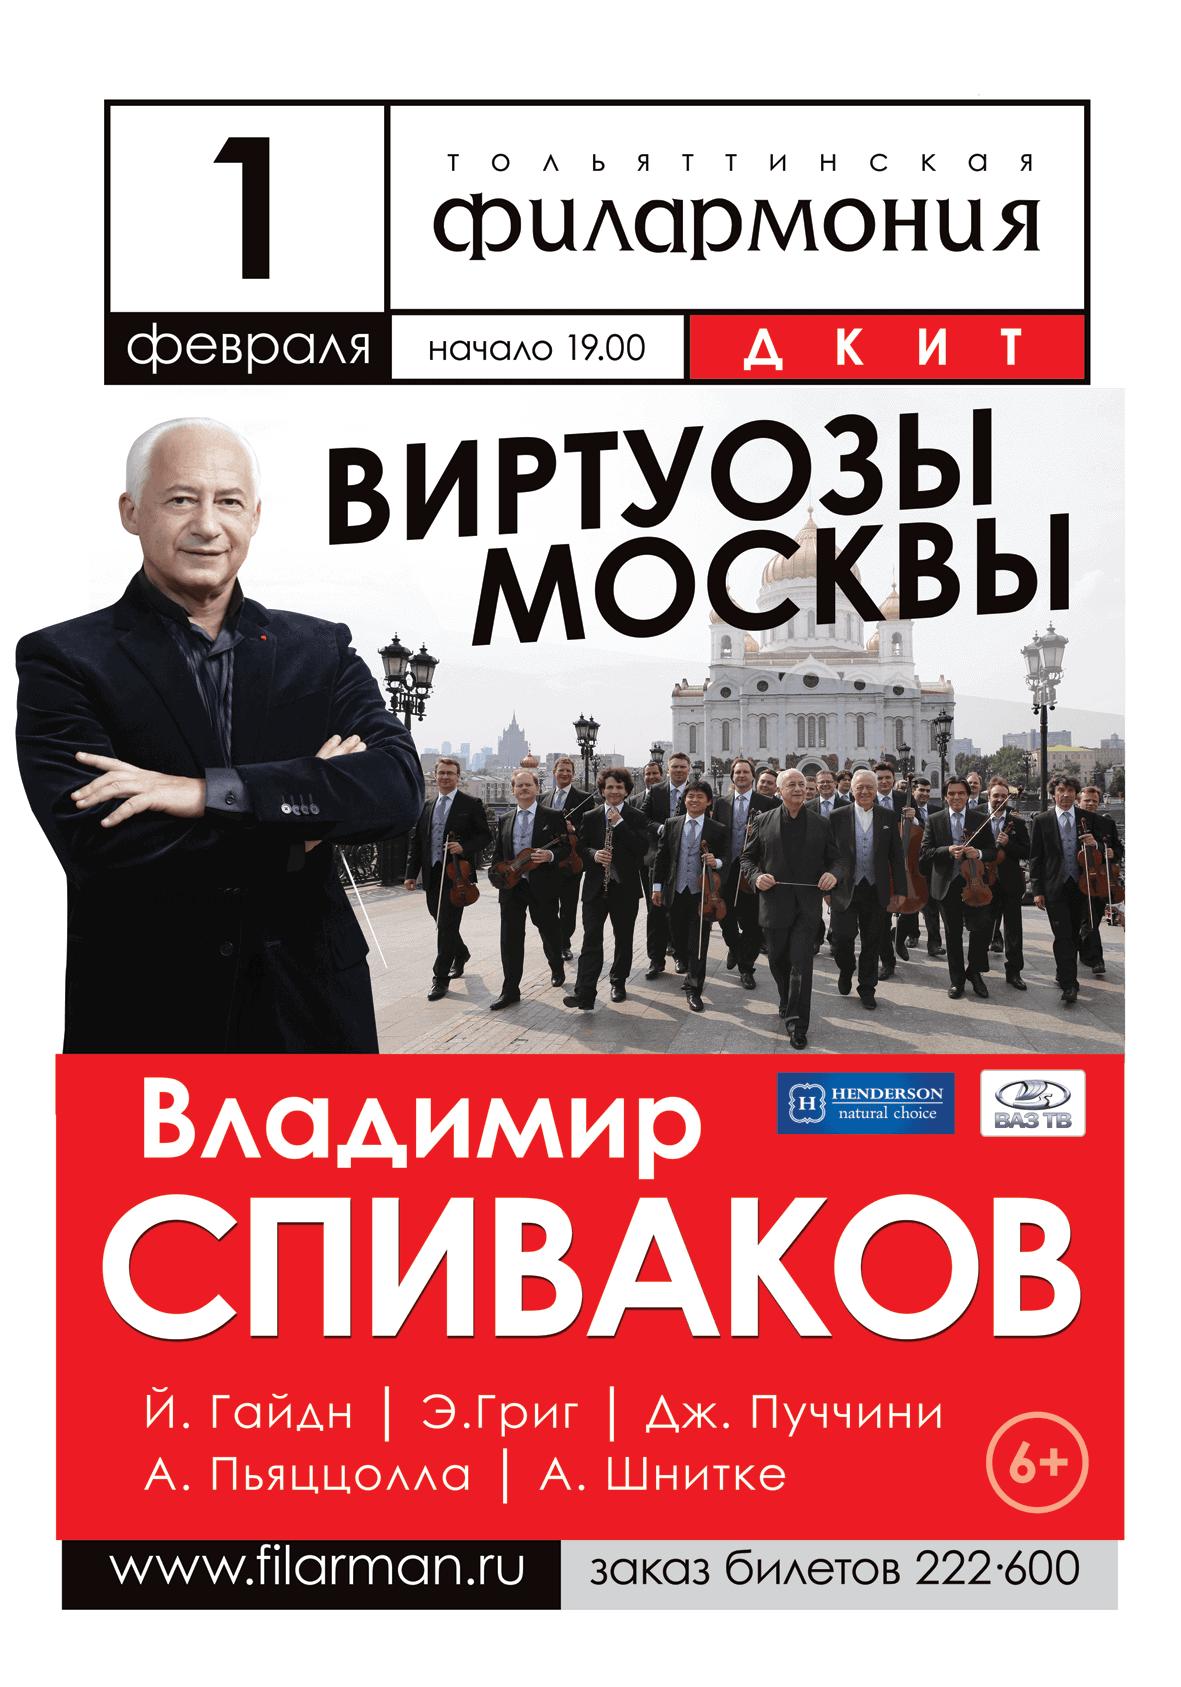 На сцене блистали Владимир Спиваков и оркестр «Виртуозы Москвы»